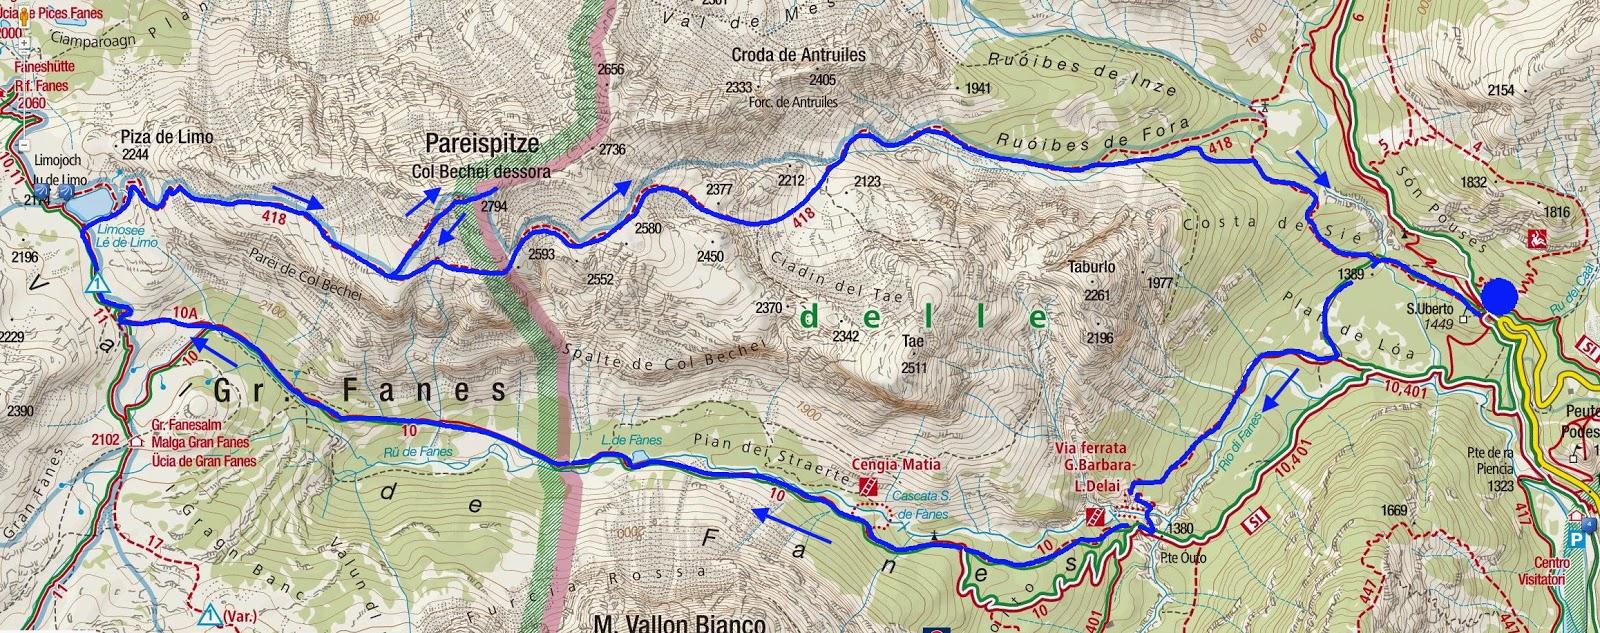 Stralcio della mappa interattiva Kompass dal sito http   maps.kompass.at d55e4061357